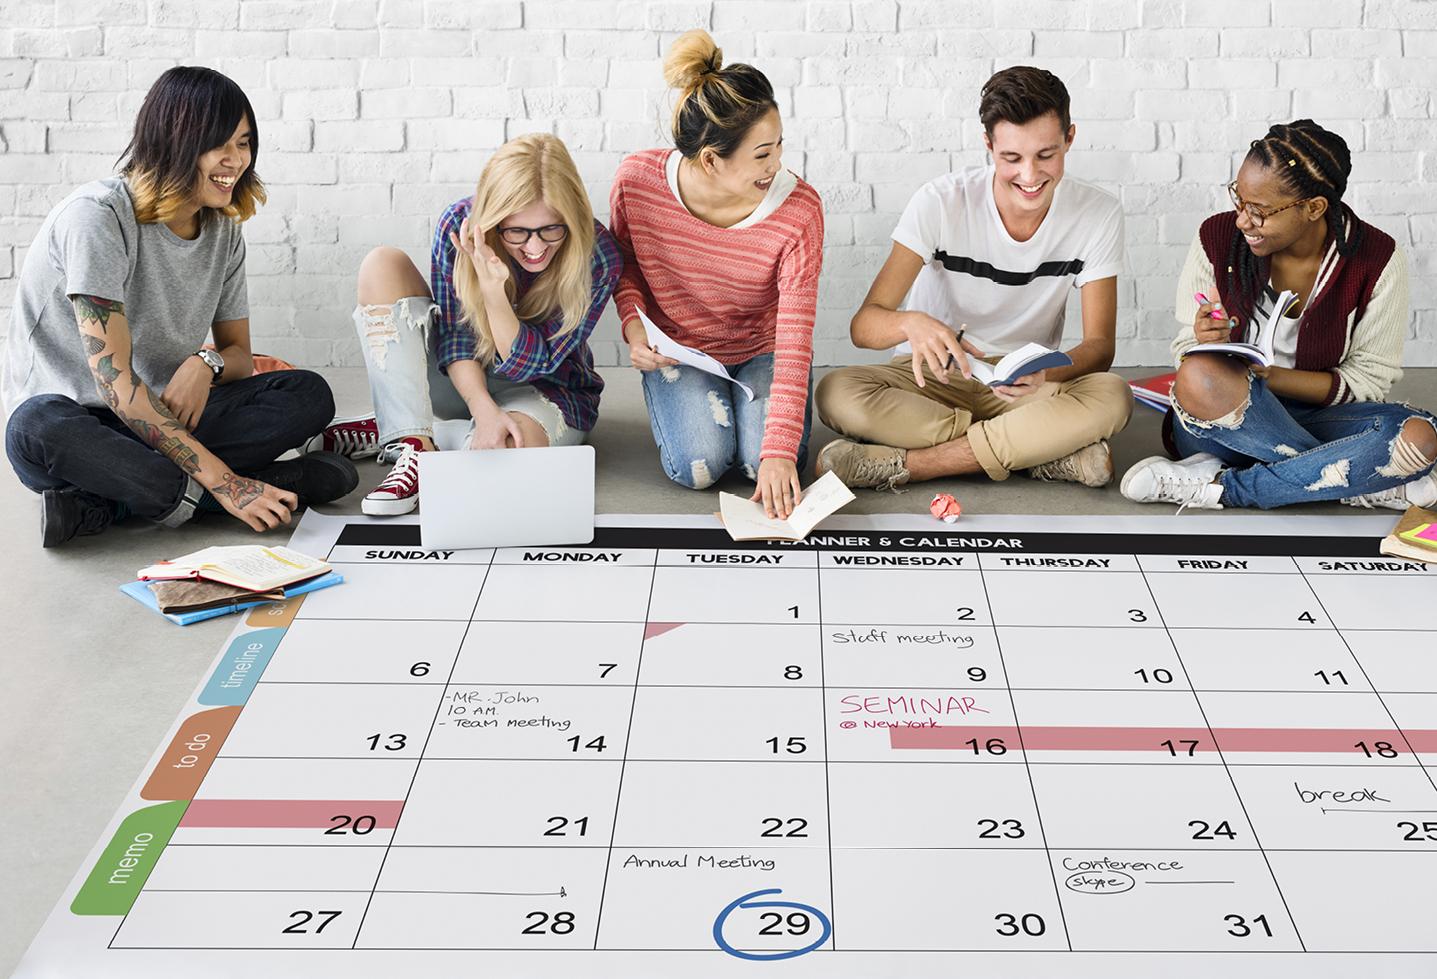 IG2 - D&I Calendar 690px X 470px - 1